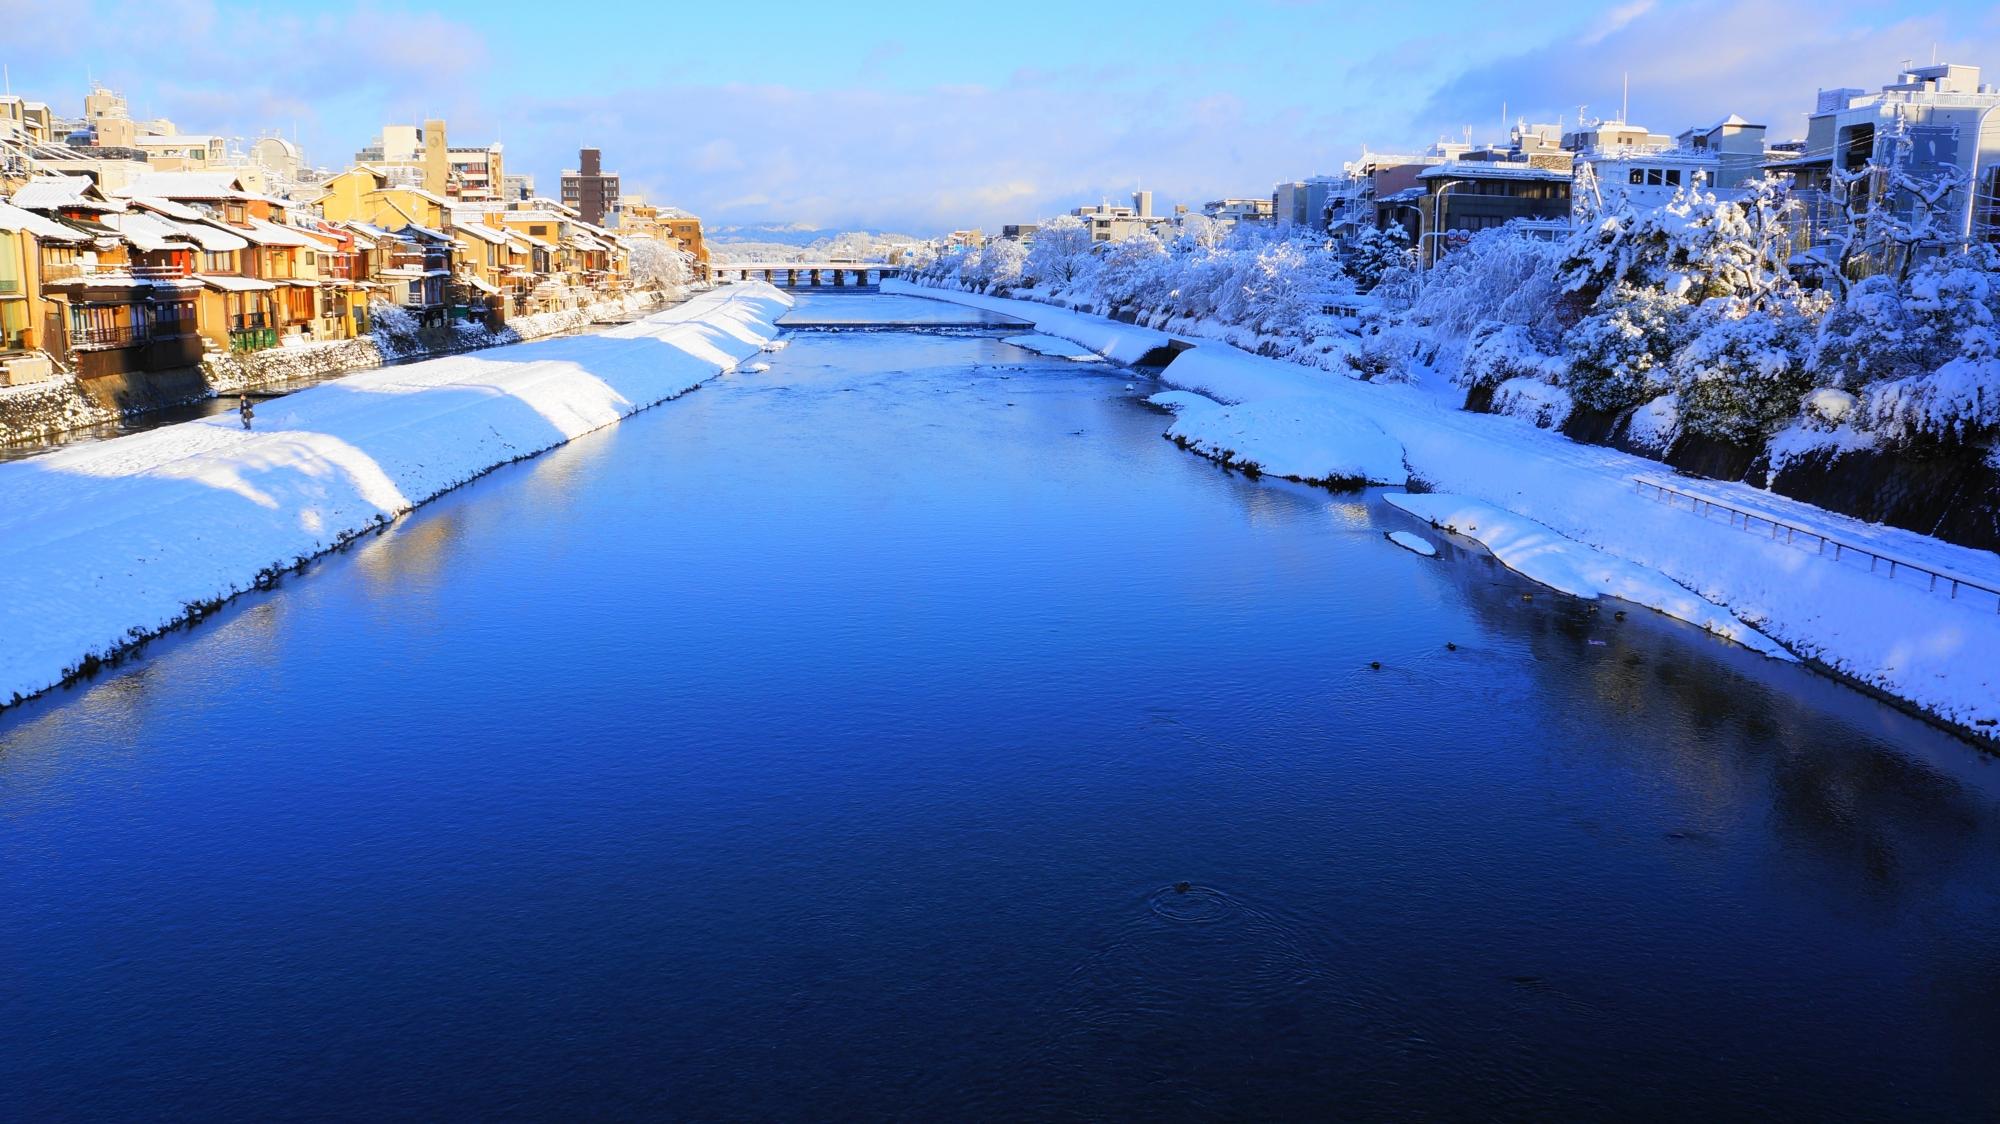 鴨川の素晴らしすぎる雪景色